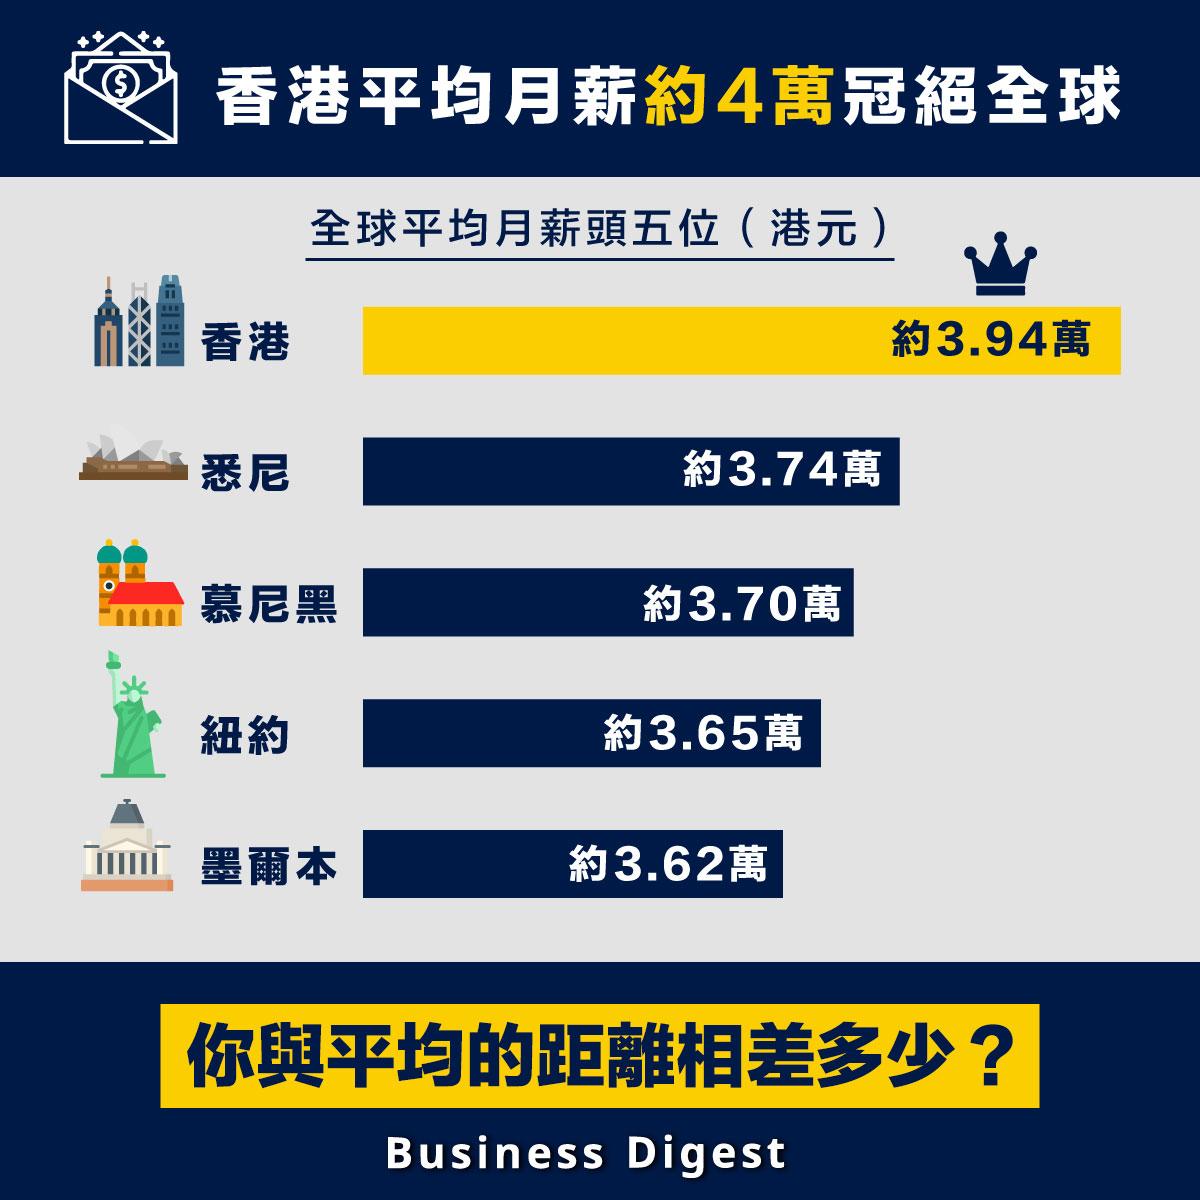 【月薪排名】香港平均月薪約4萬冠絕全球!